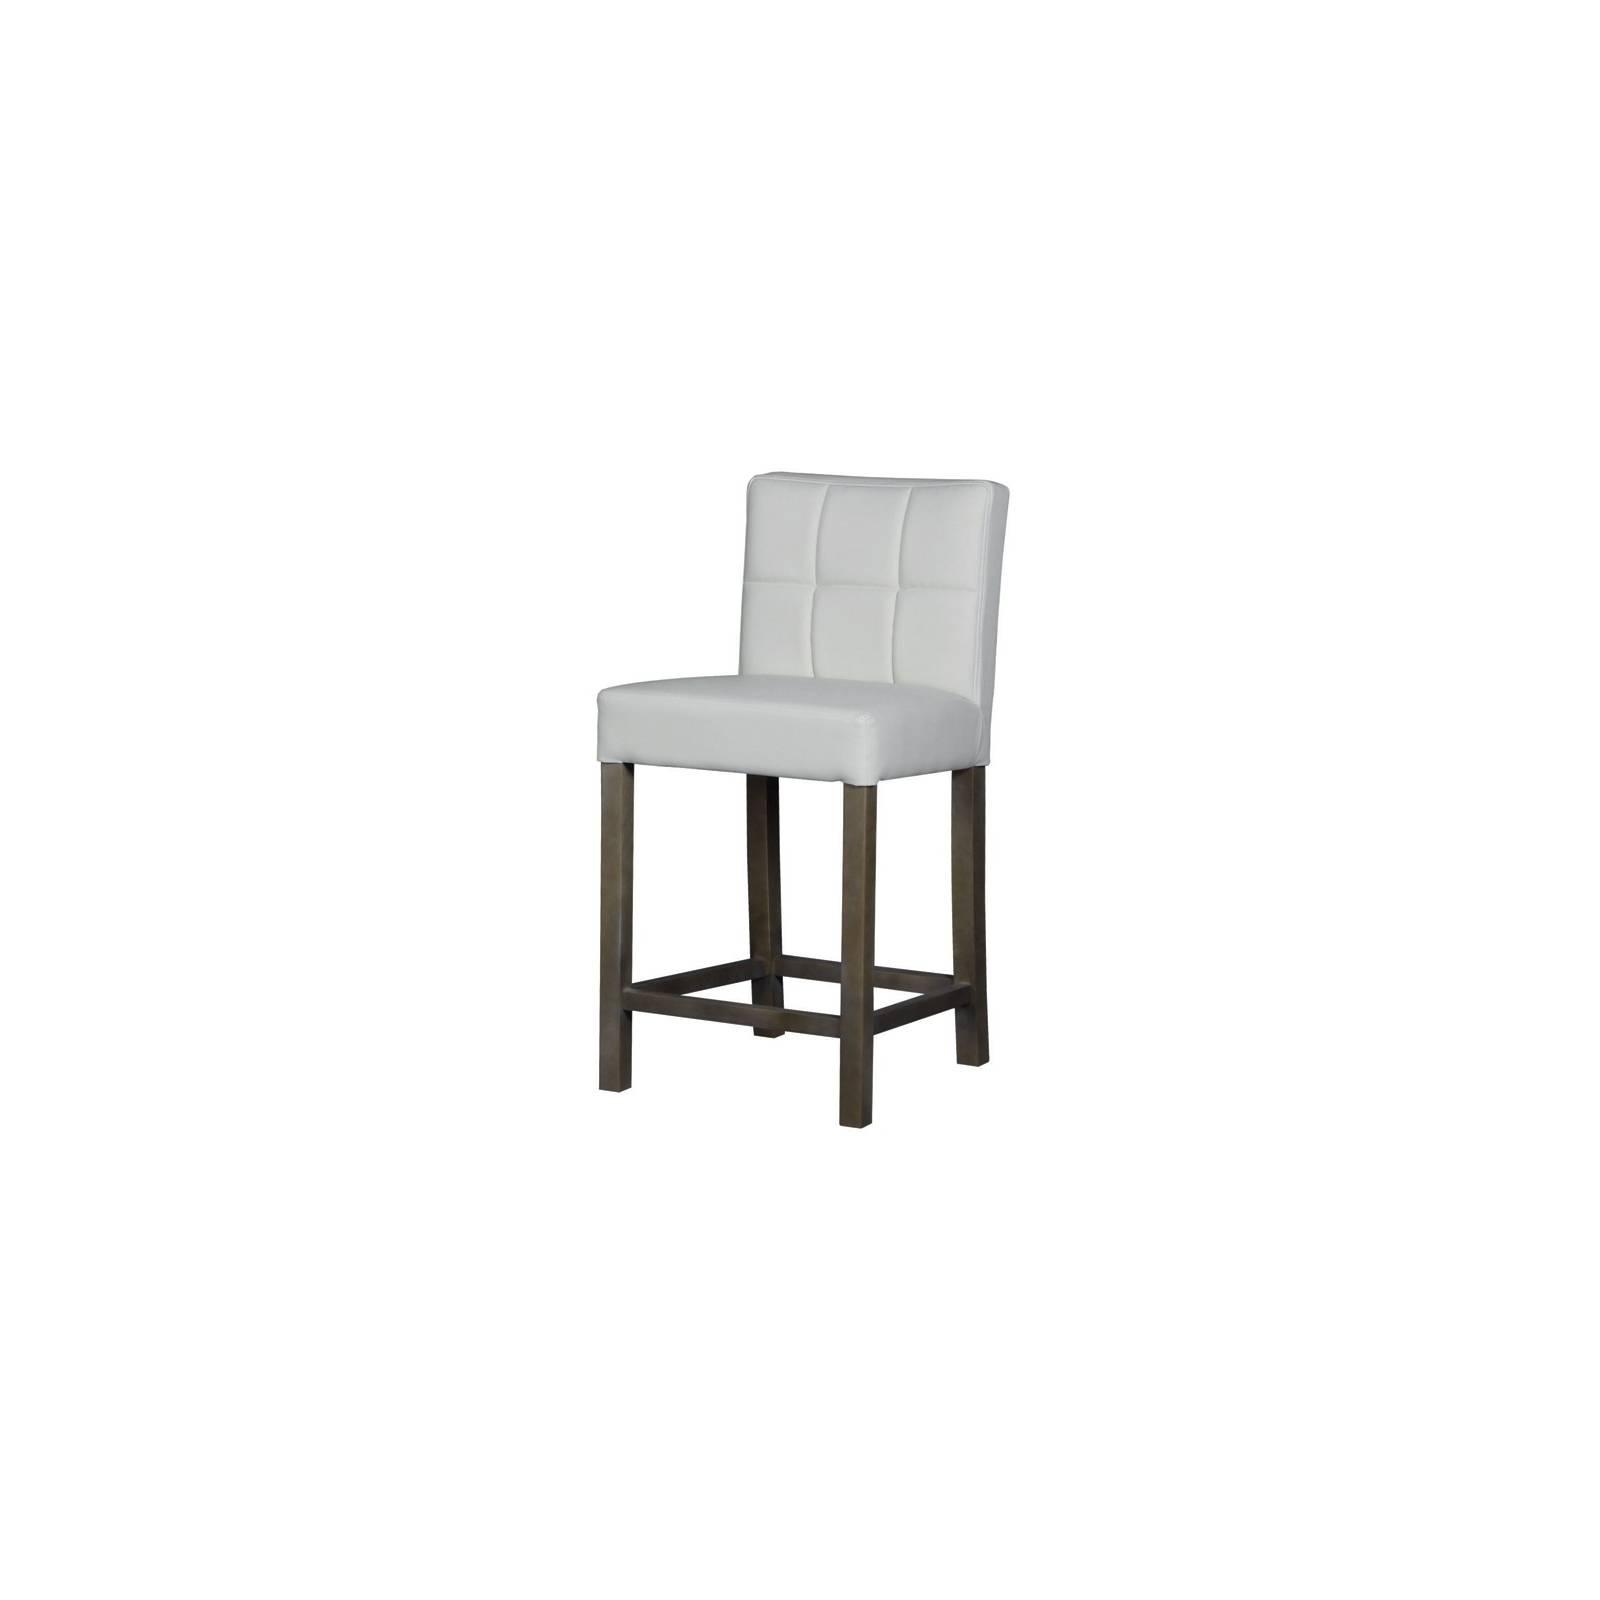 Chaise Yoko Cuir Bycast - meubles style design